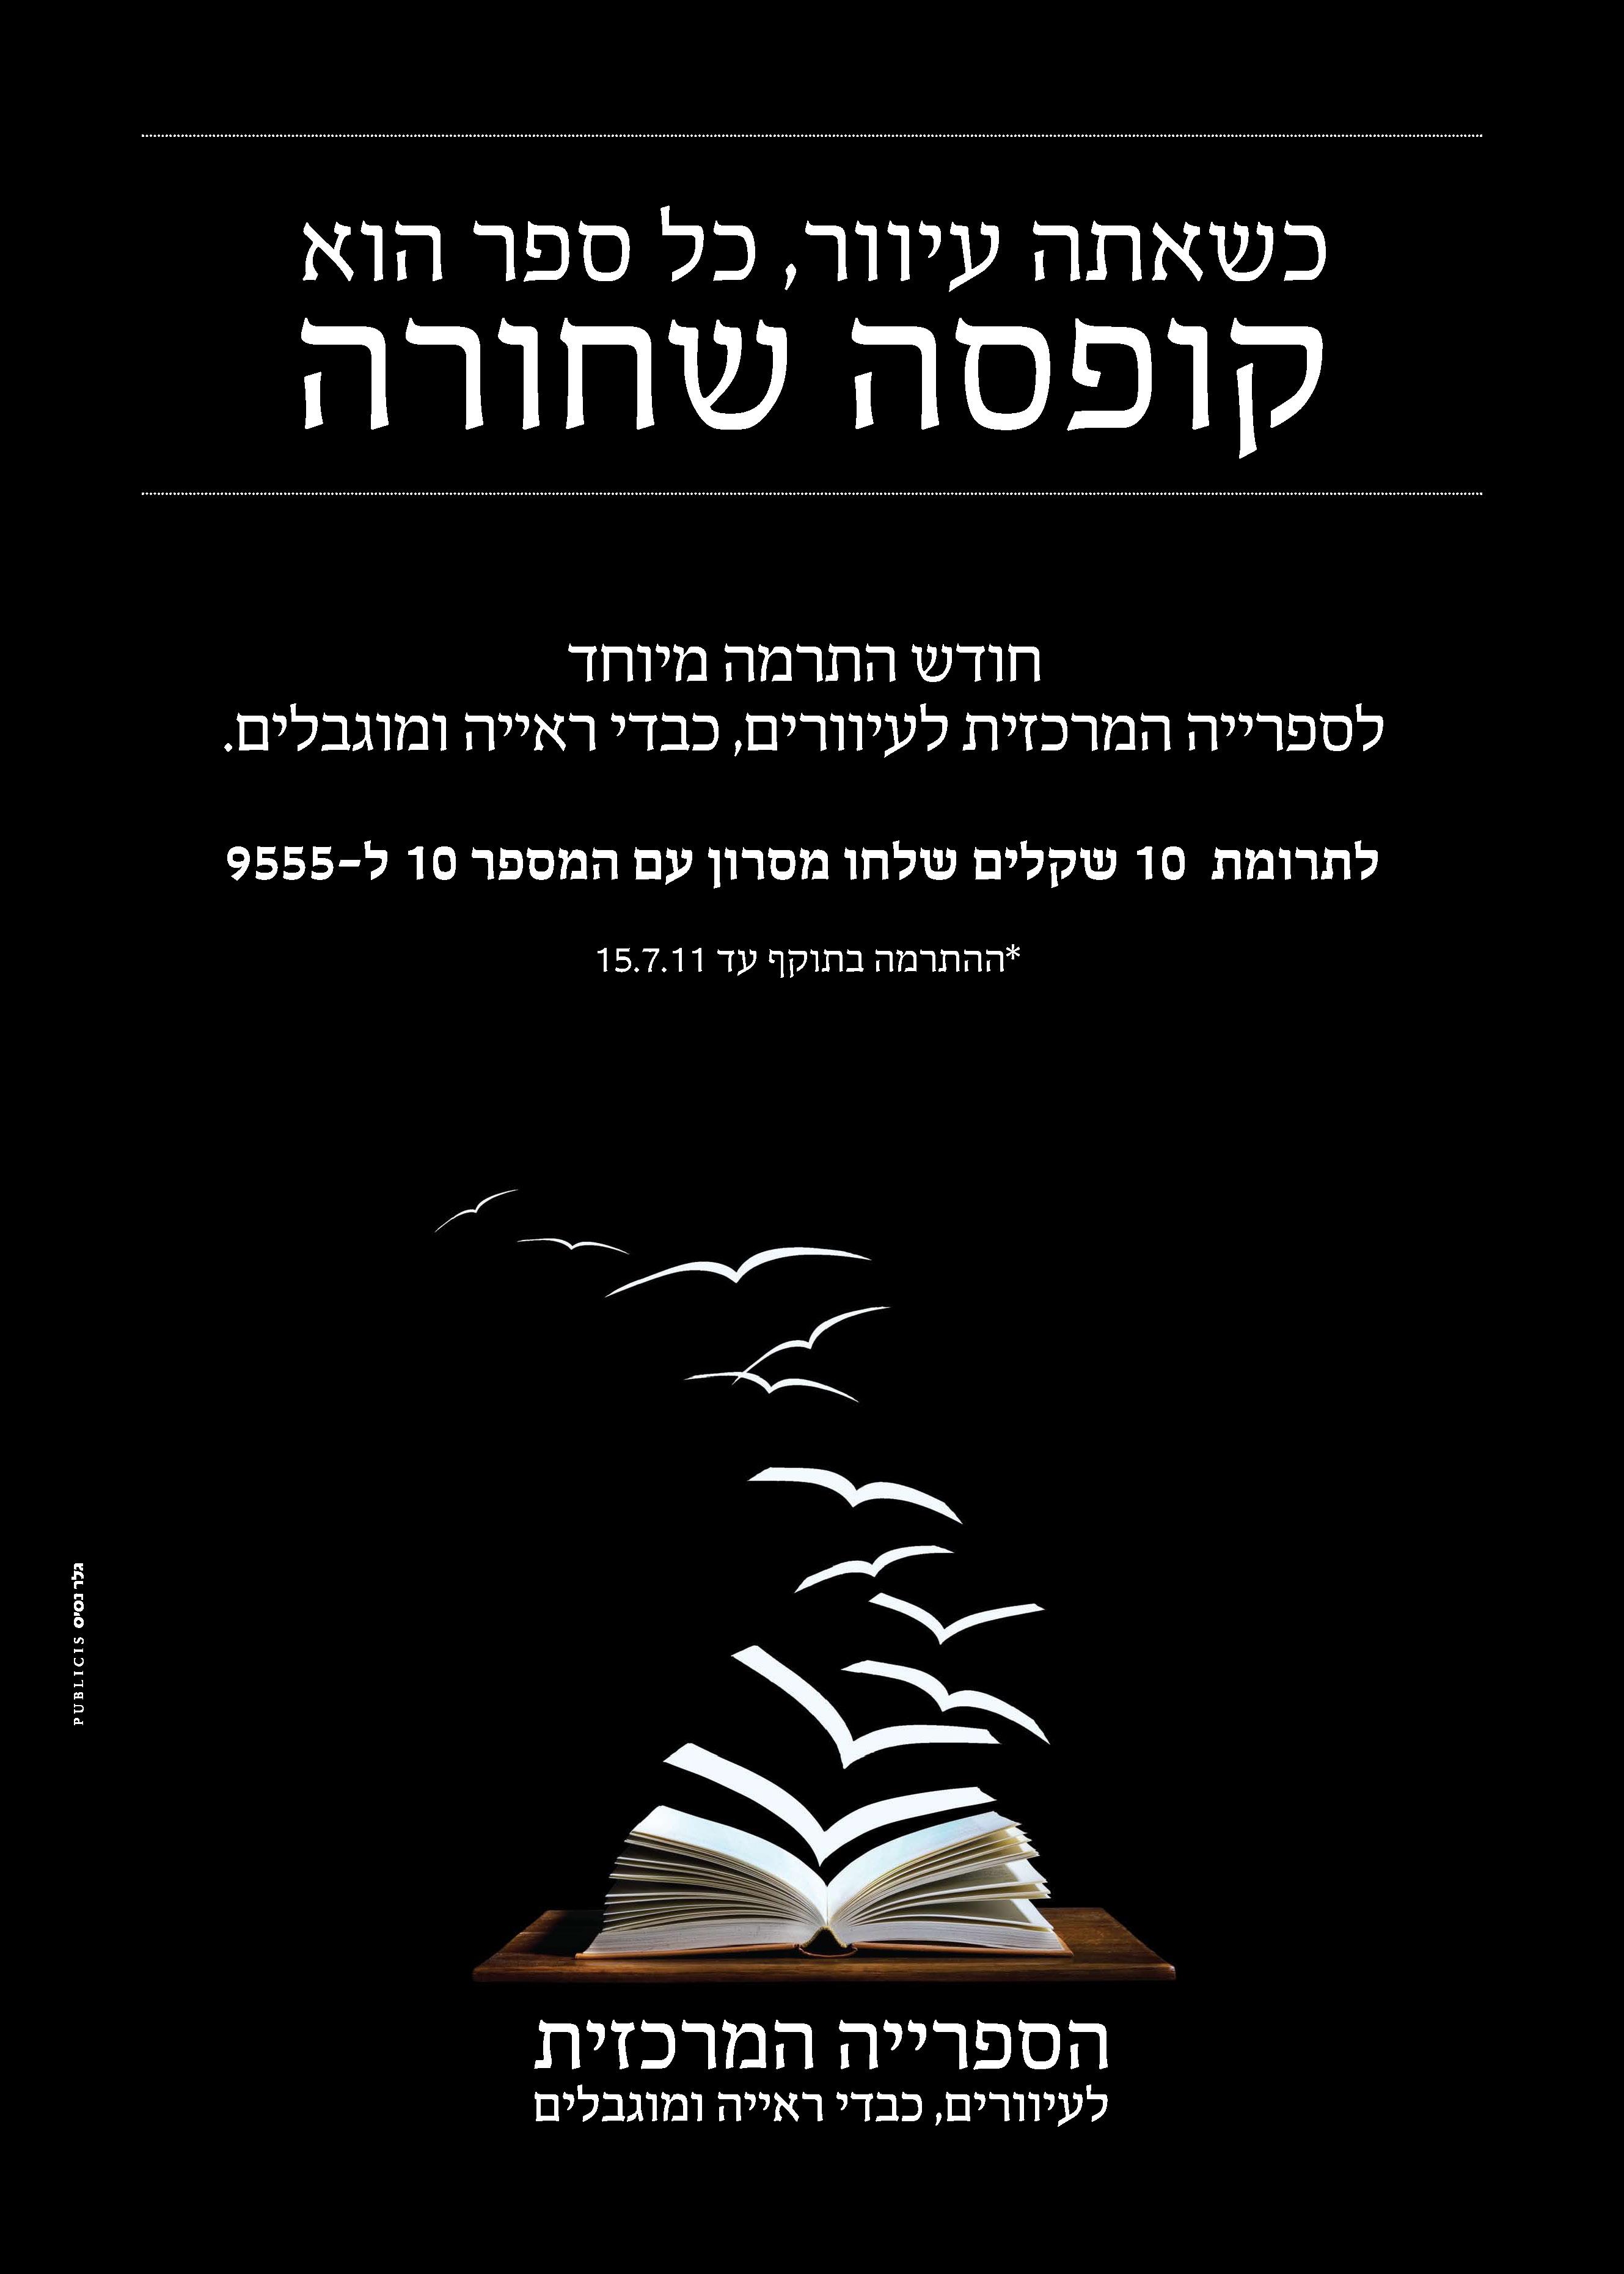 פרינט של גלר נסיס פובליסיס ישראל לספריית העיוורים בישראל